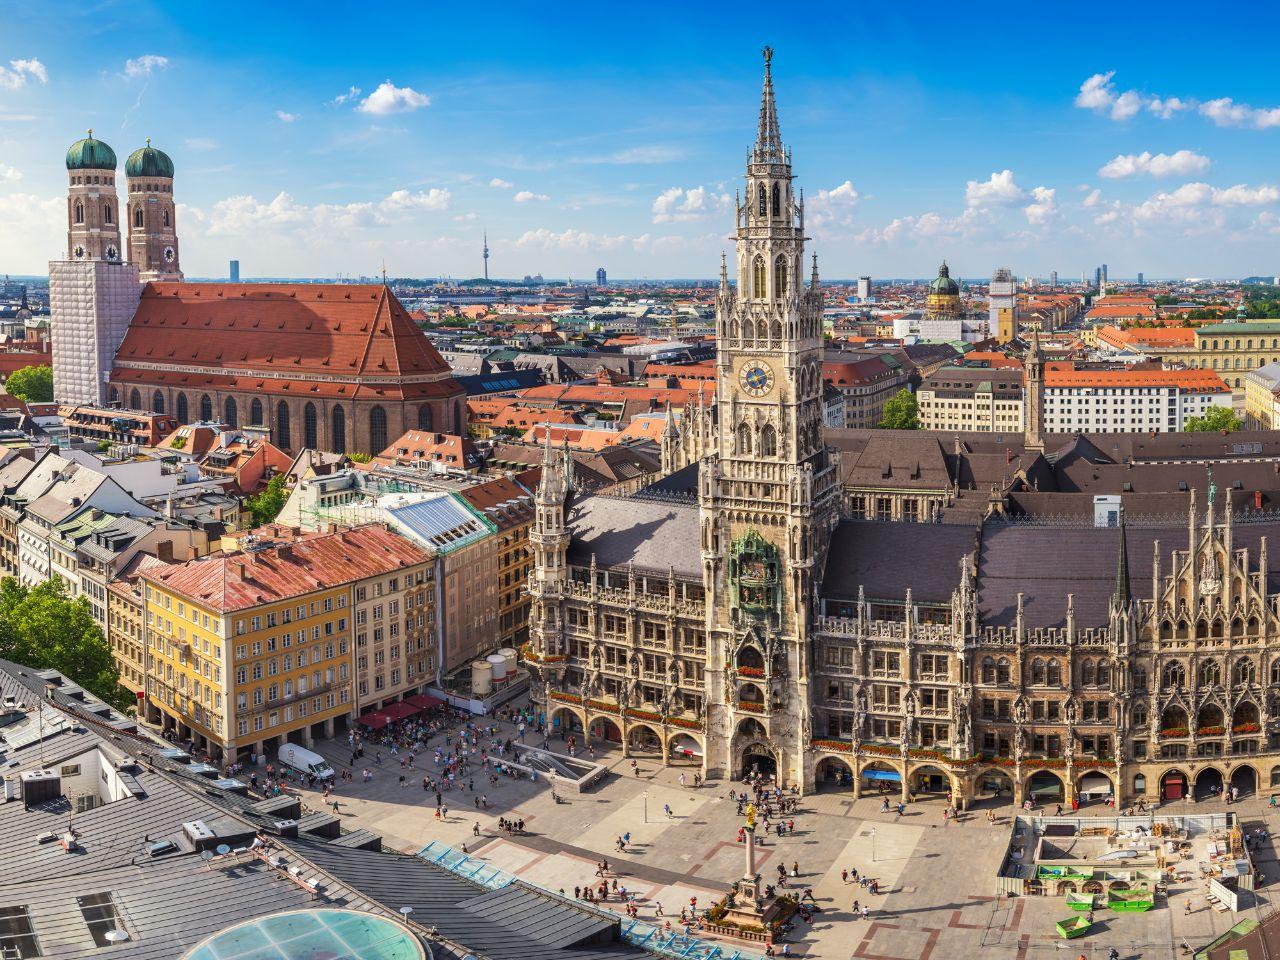 St. Maria's Square (Marienplatz)1